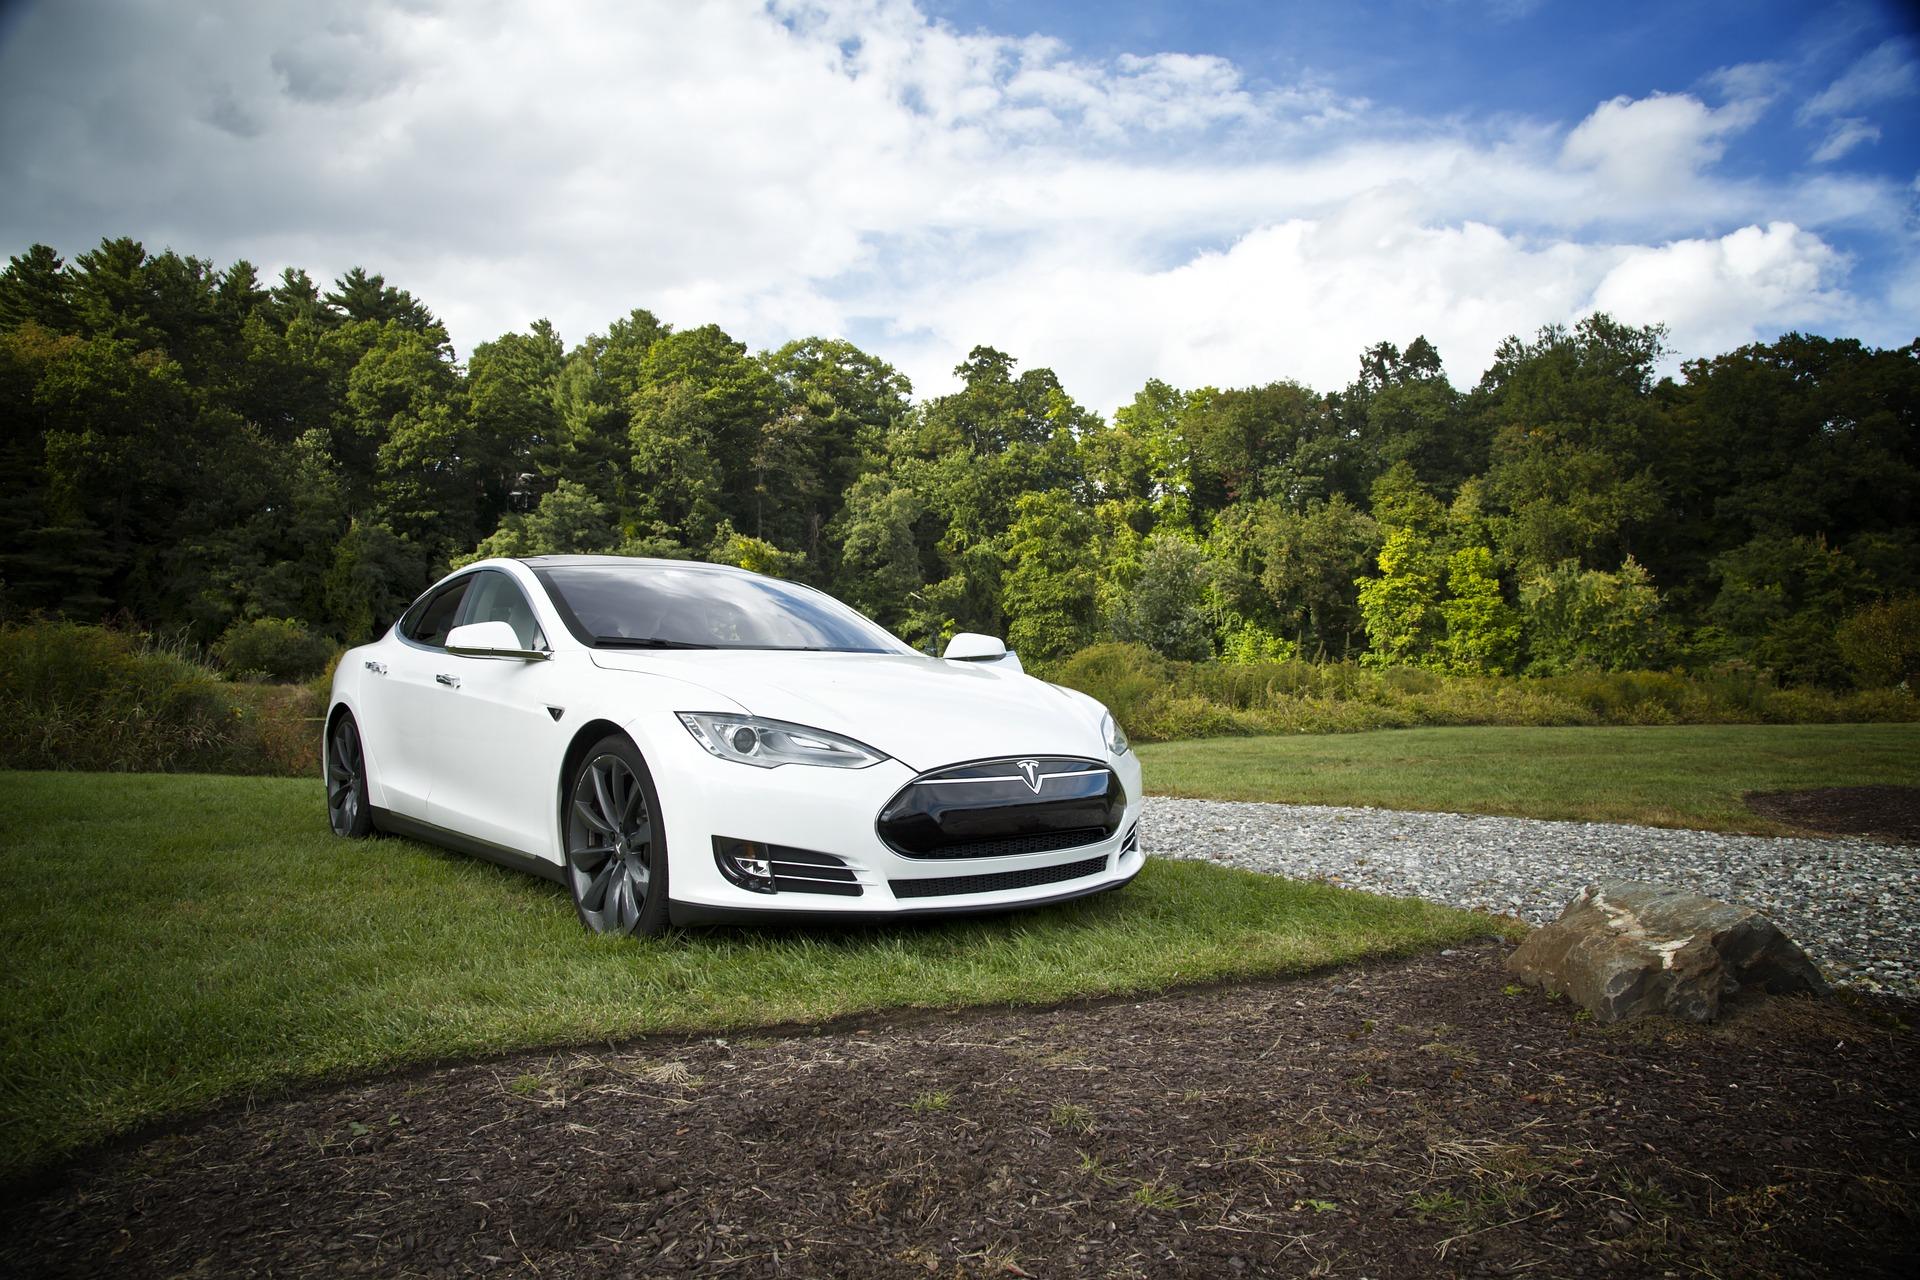 Tesla winduje ceny nieruchomości